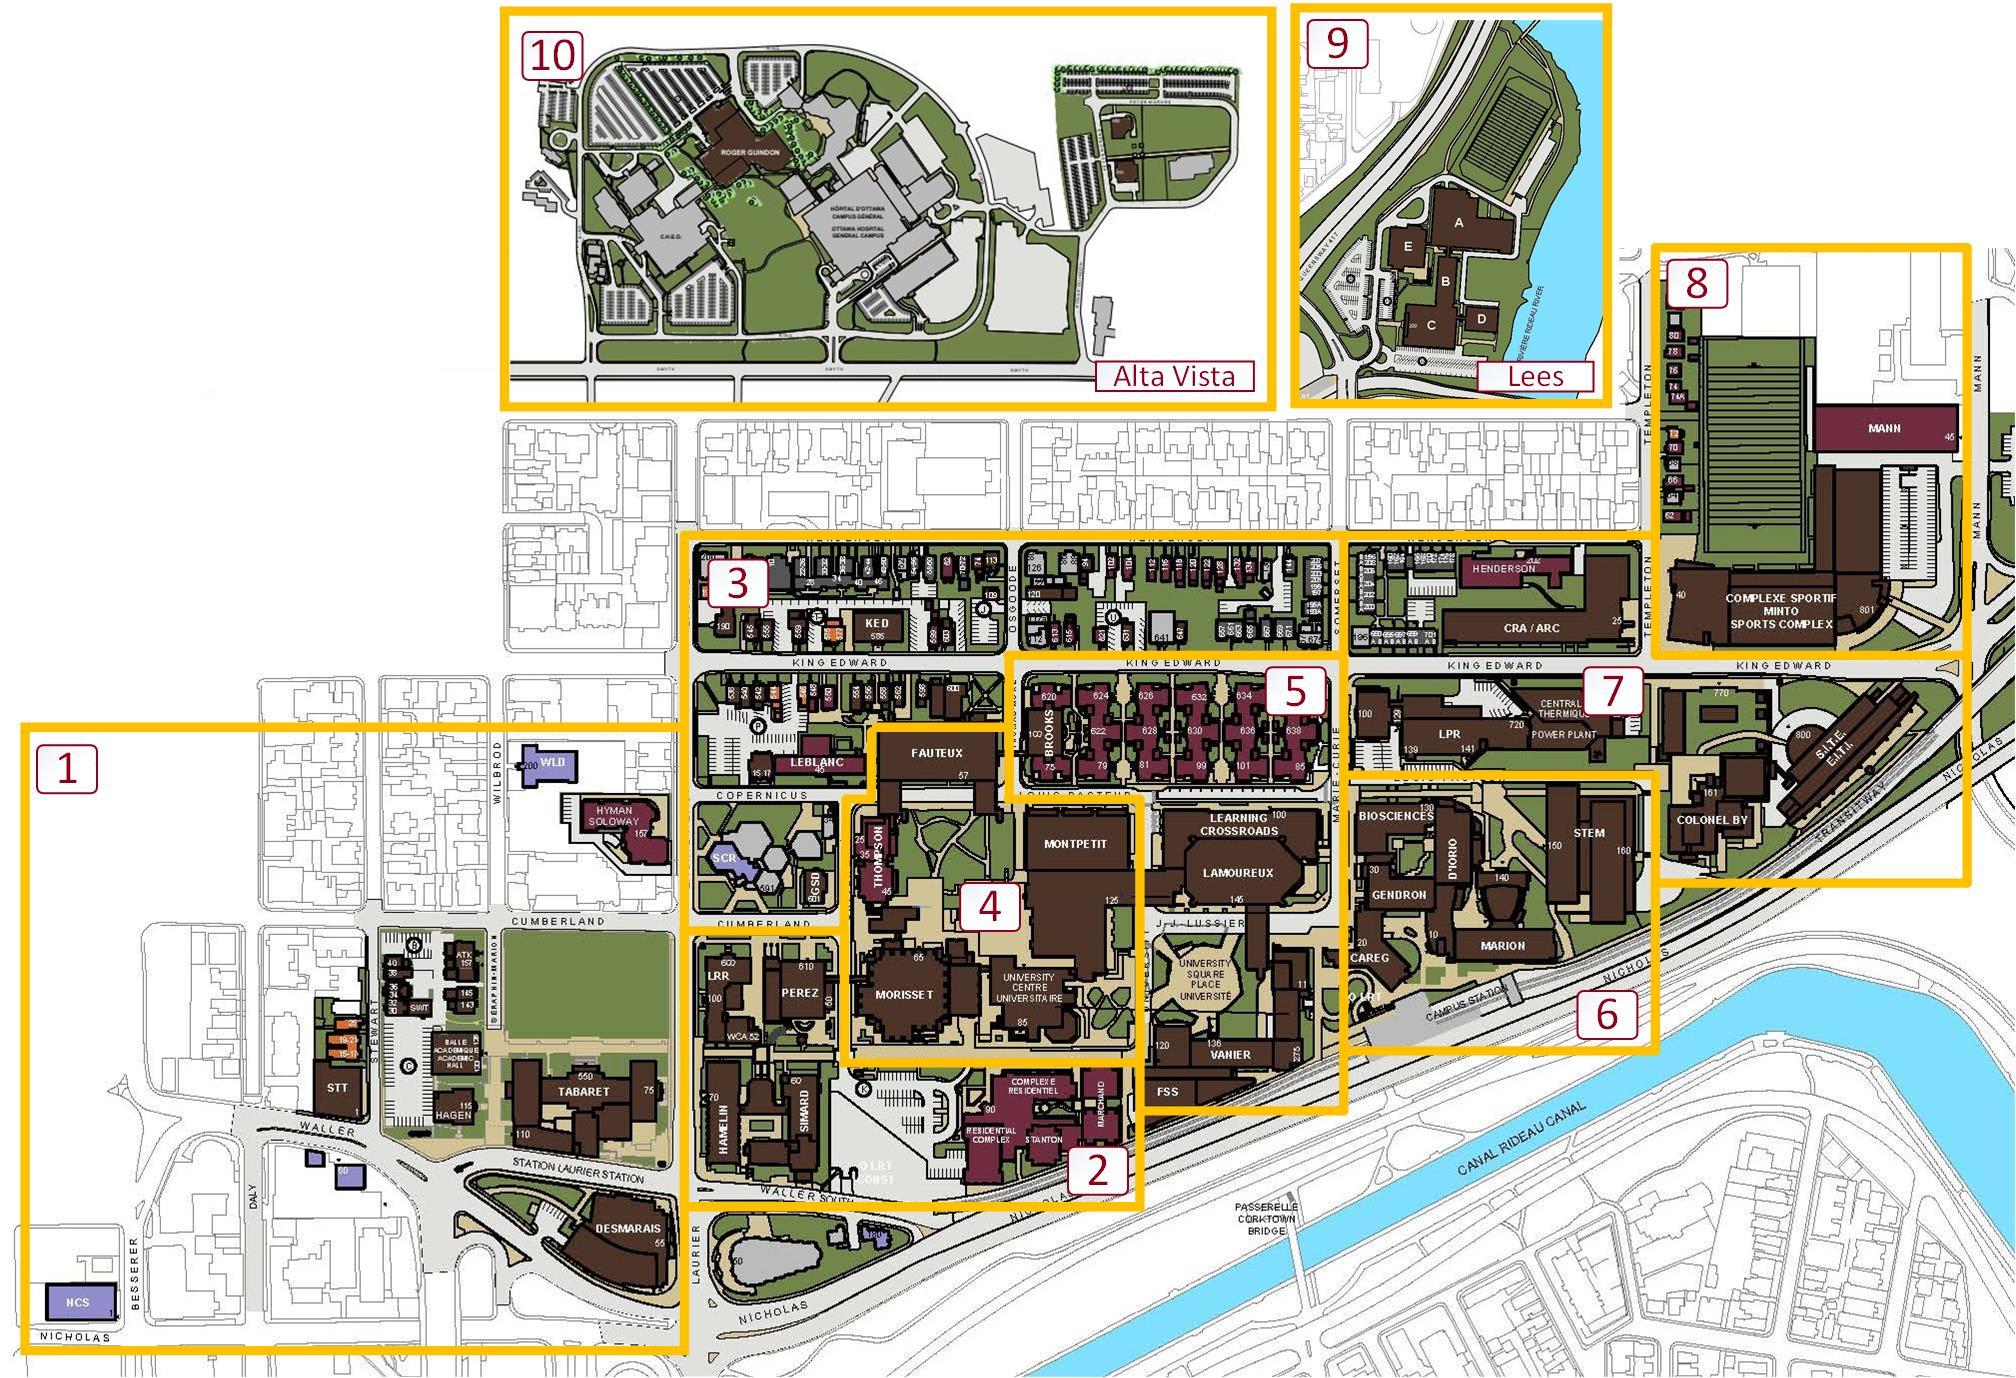 Image du campus divisé en zones